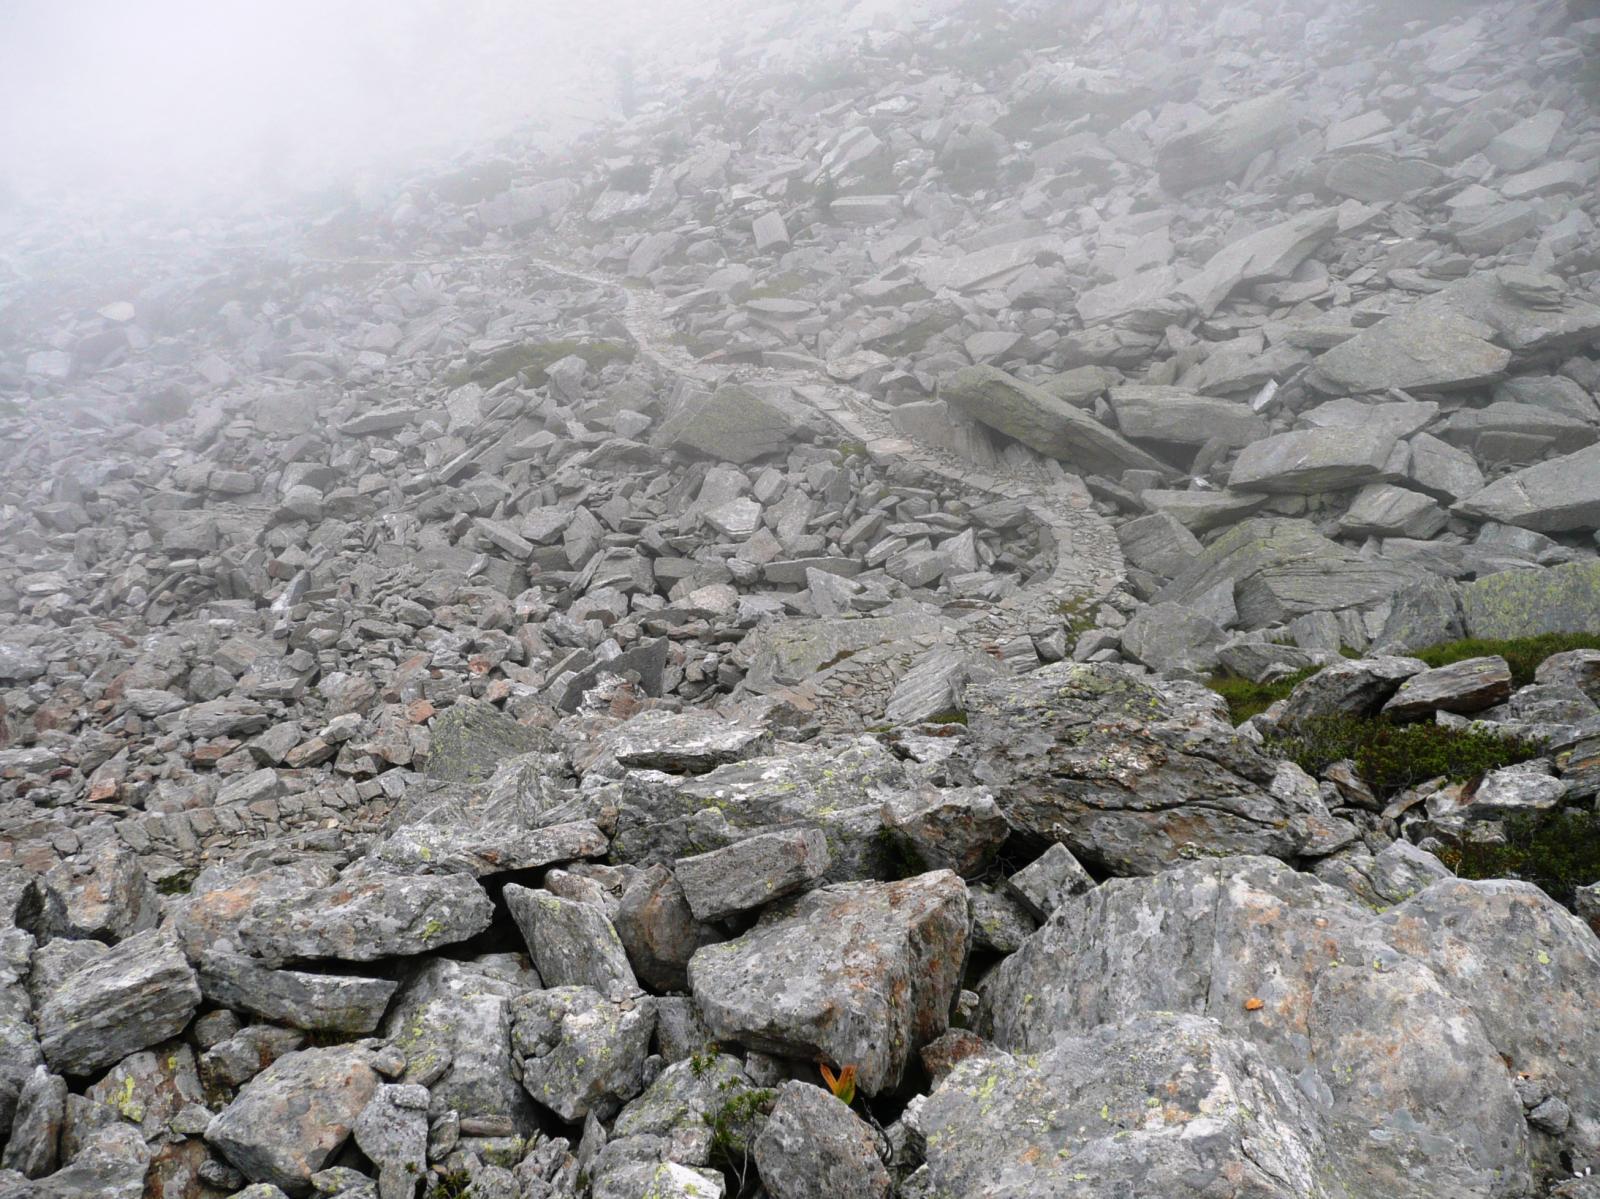 senza la storica e bellissima strada Piedicavallo Niel (6c nel versante valdostano) quanto ci vorrebbe ad attraversare la pietraia!